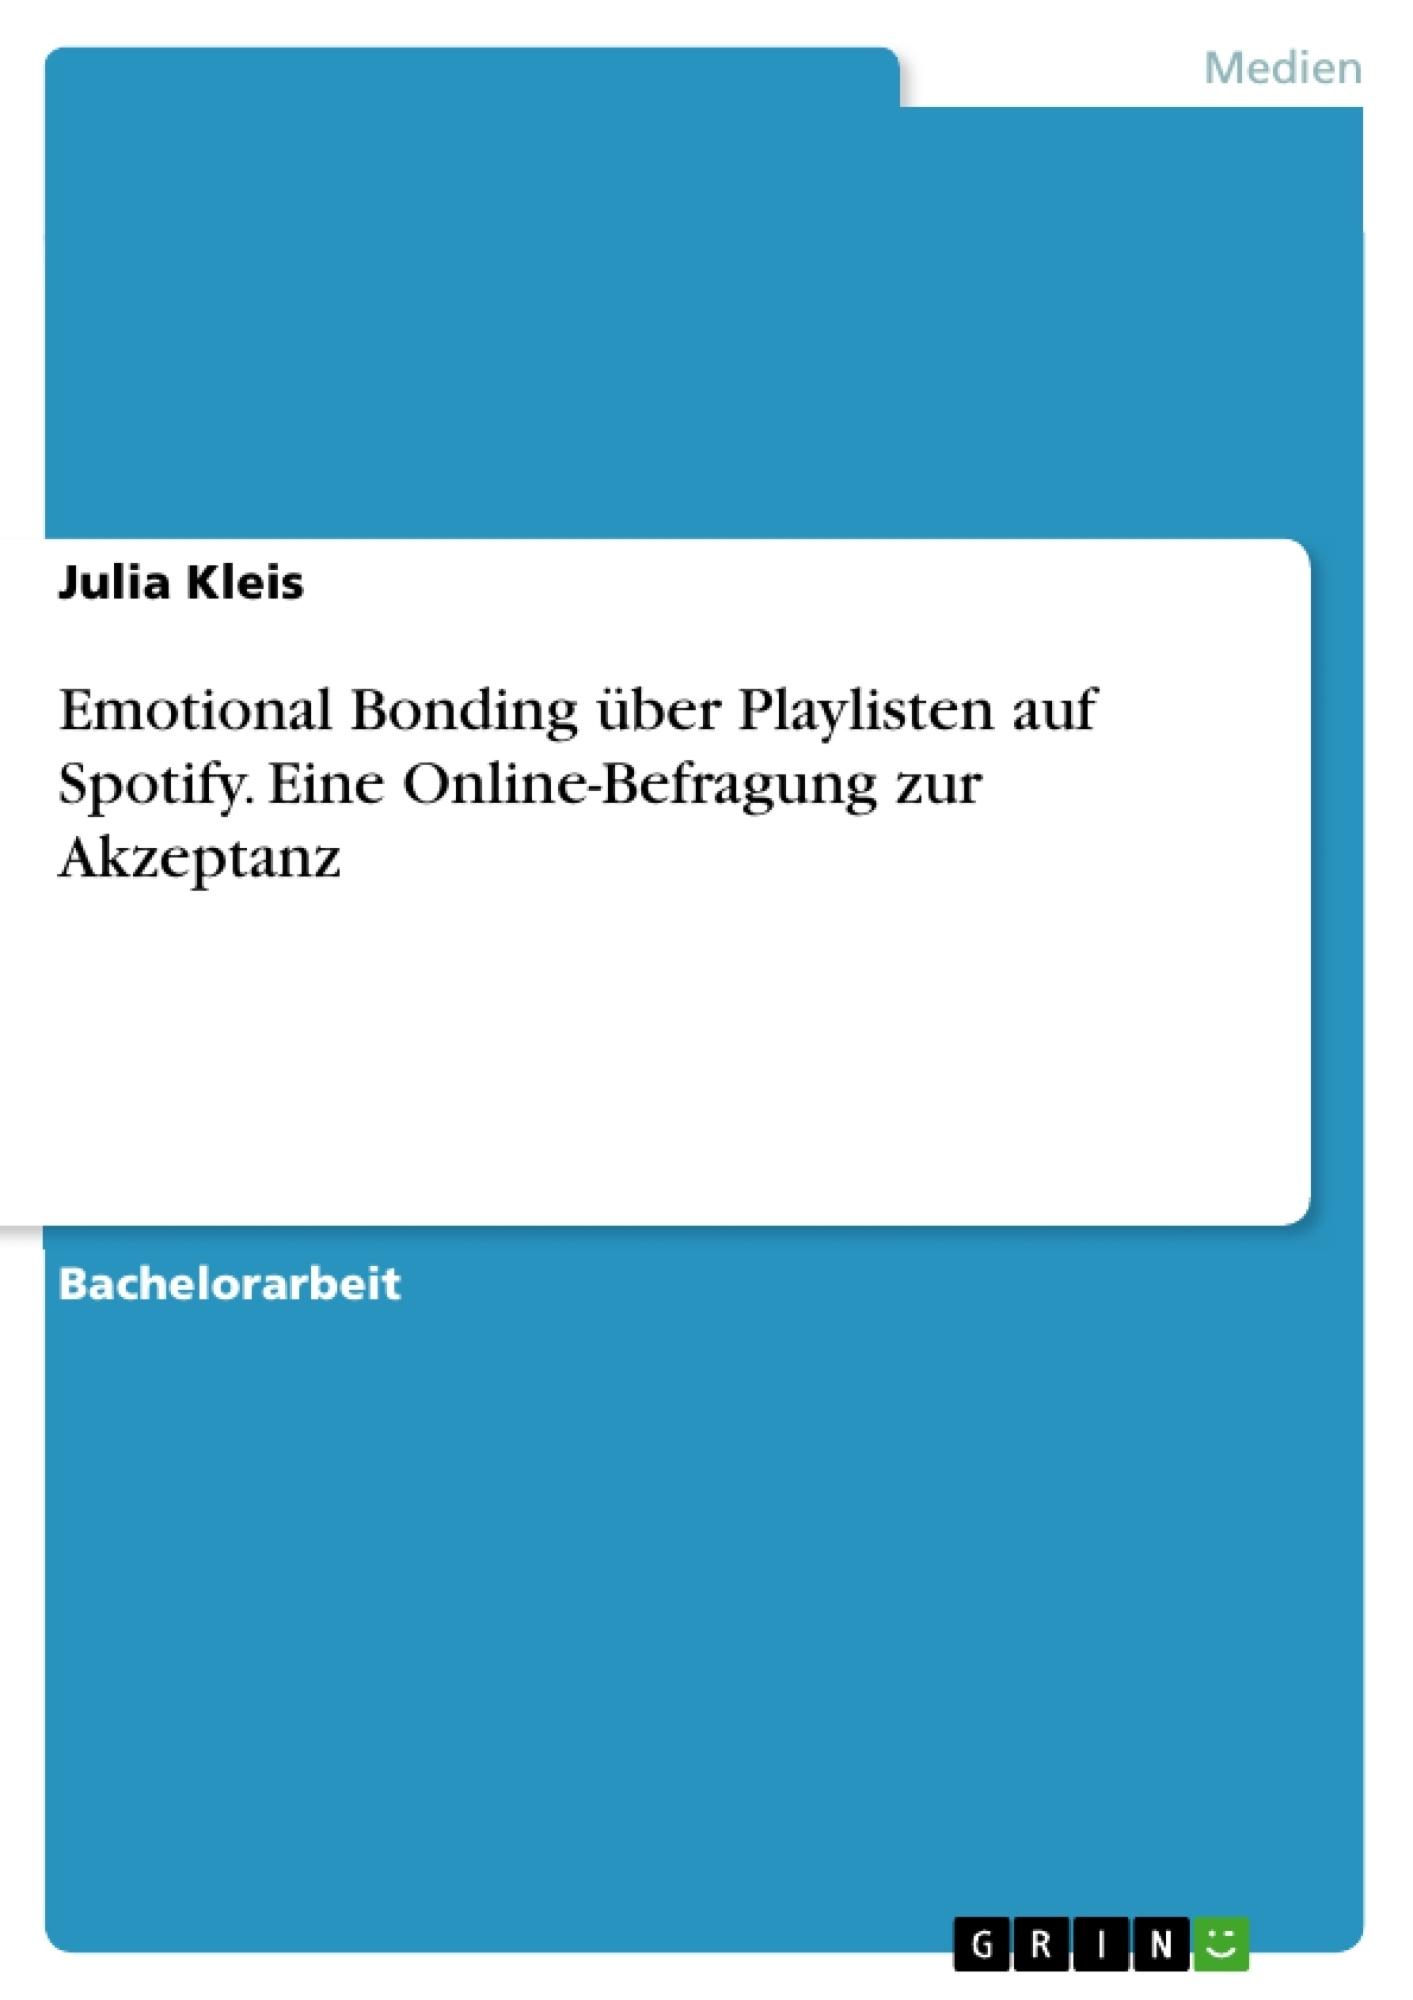 Titel: Emotional Bonding über Playlisten auf Spotify. Eine Online-Befragung zur Akzeptanz